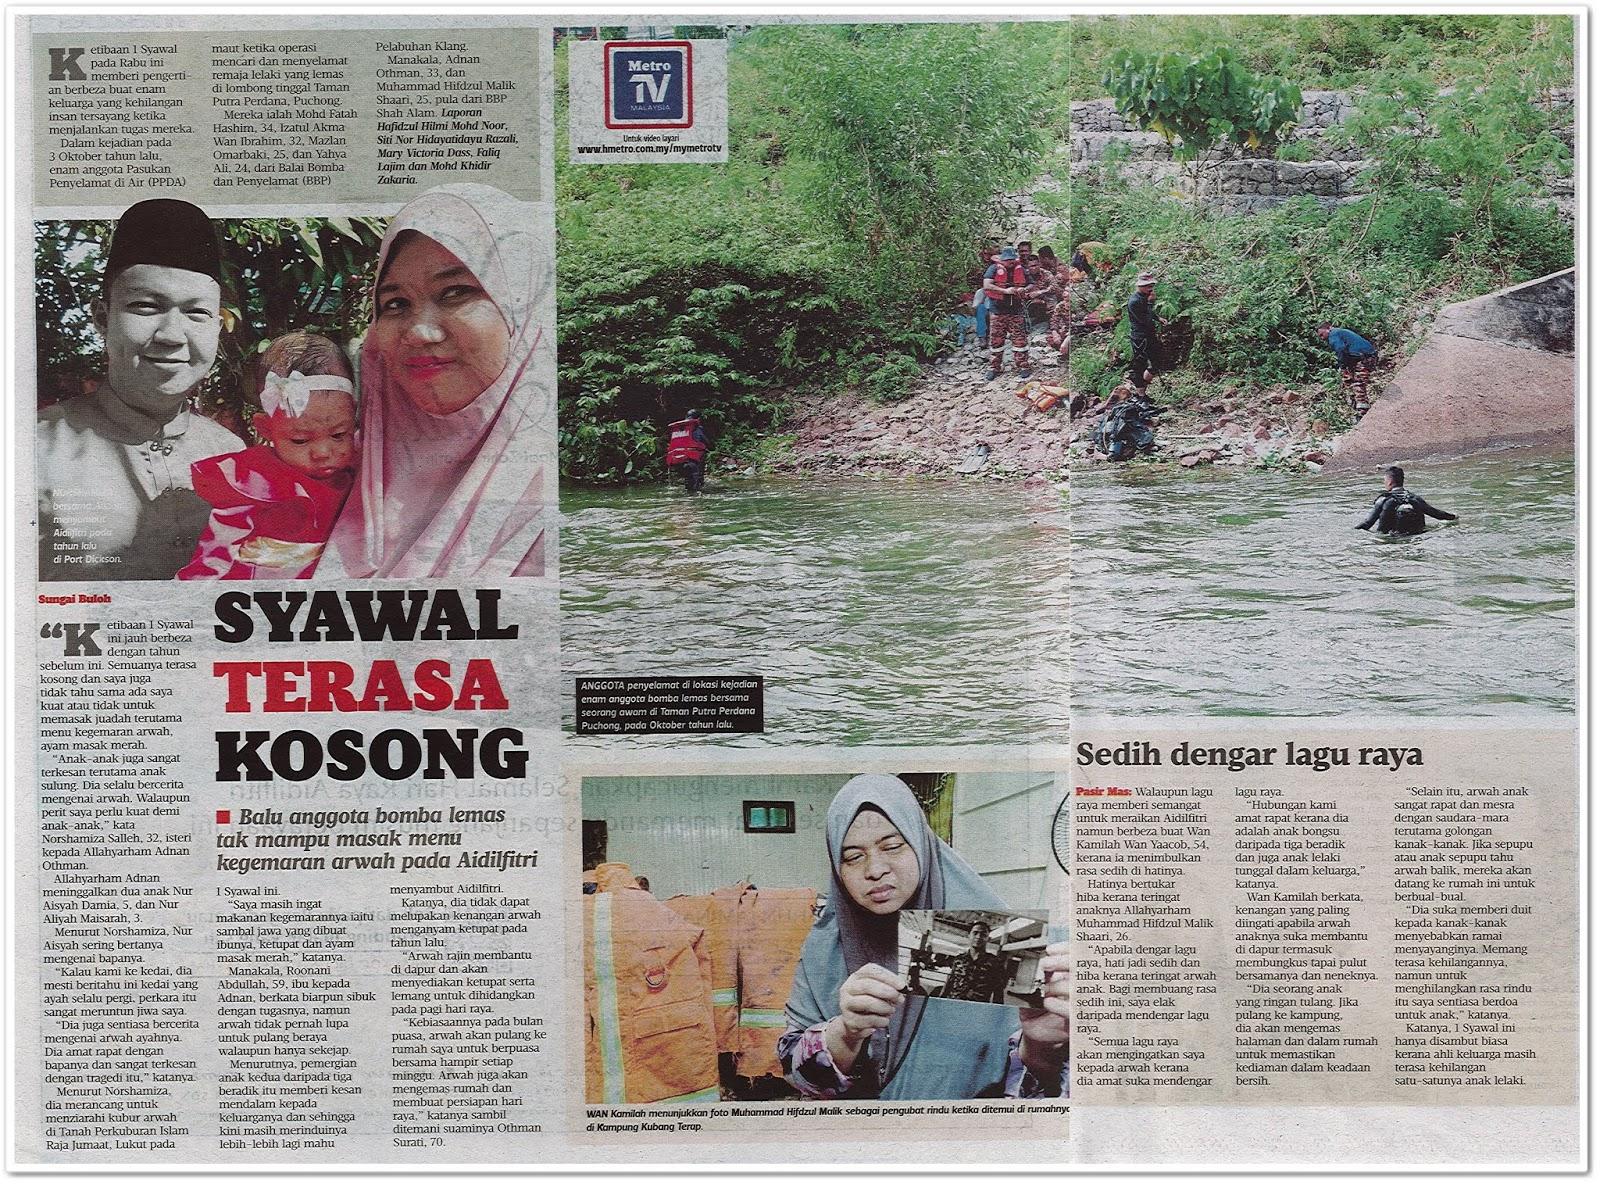 Syawal terasa kosong - Keratan akhbar Harian Metro 3 Jun 2019